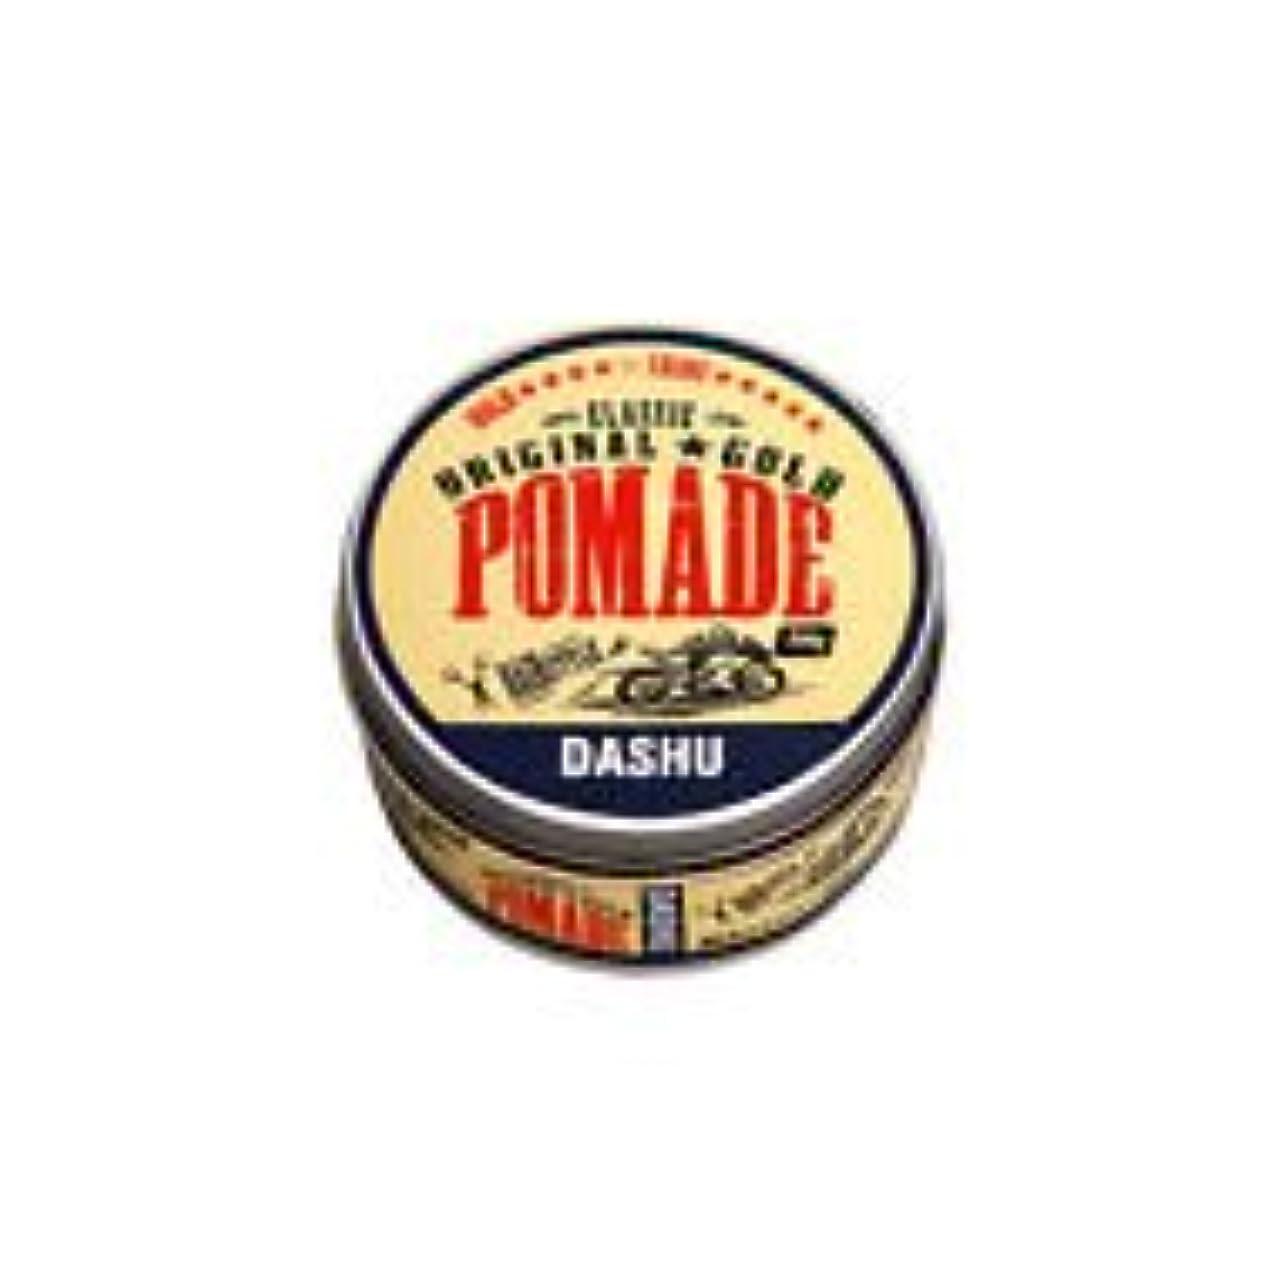 出版喜び四[DASHU] ダシュ クラシックオリジナルゴールドポマードヘアワックス Classic Original Gold Pomade Hair Wax 100ml / 韓国製 . 韓国直送品